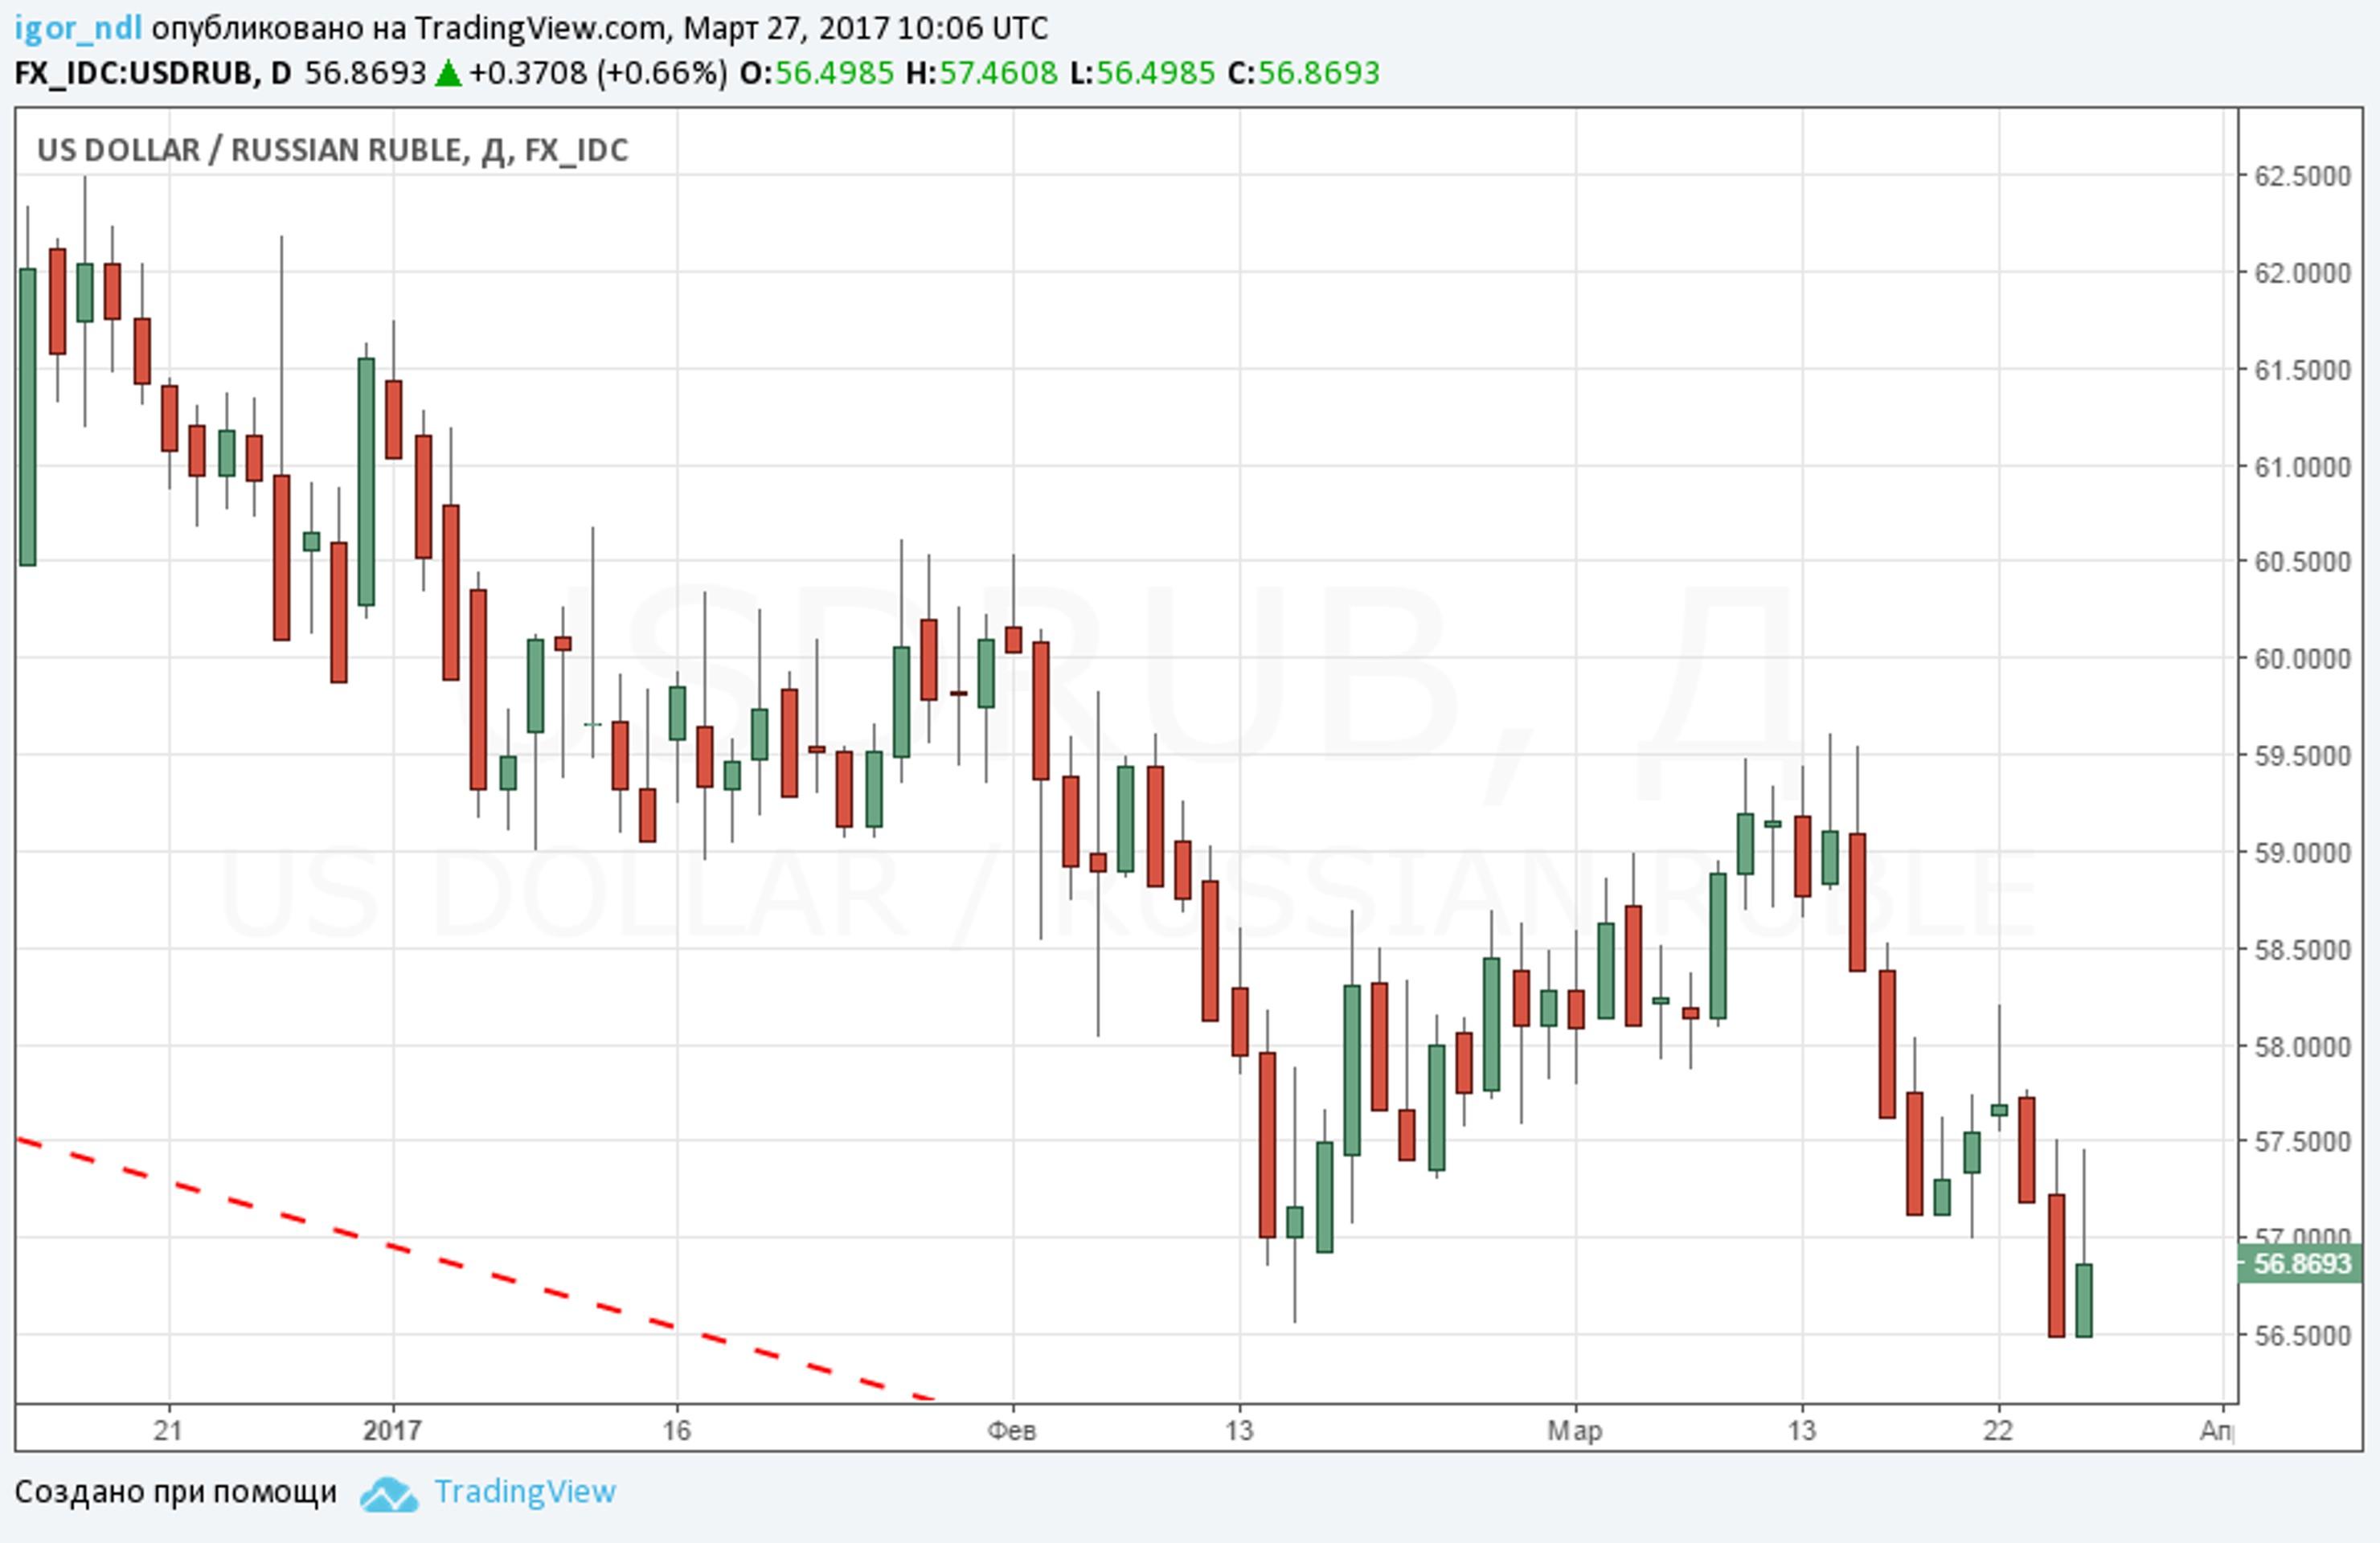 Рубль зажат в тисках. Кто может помочь?